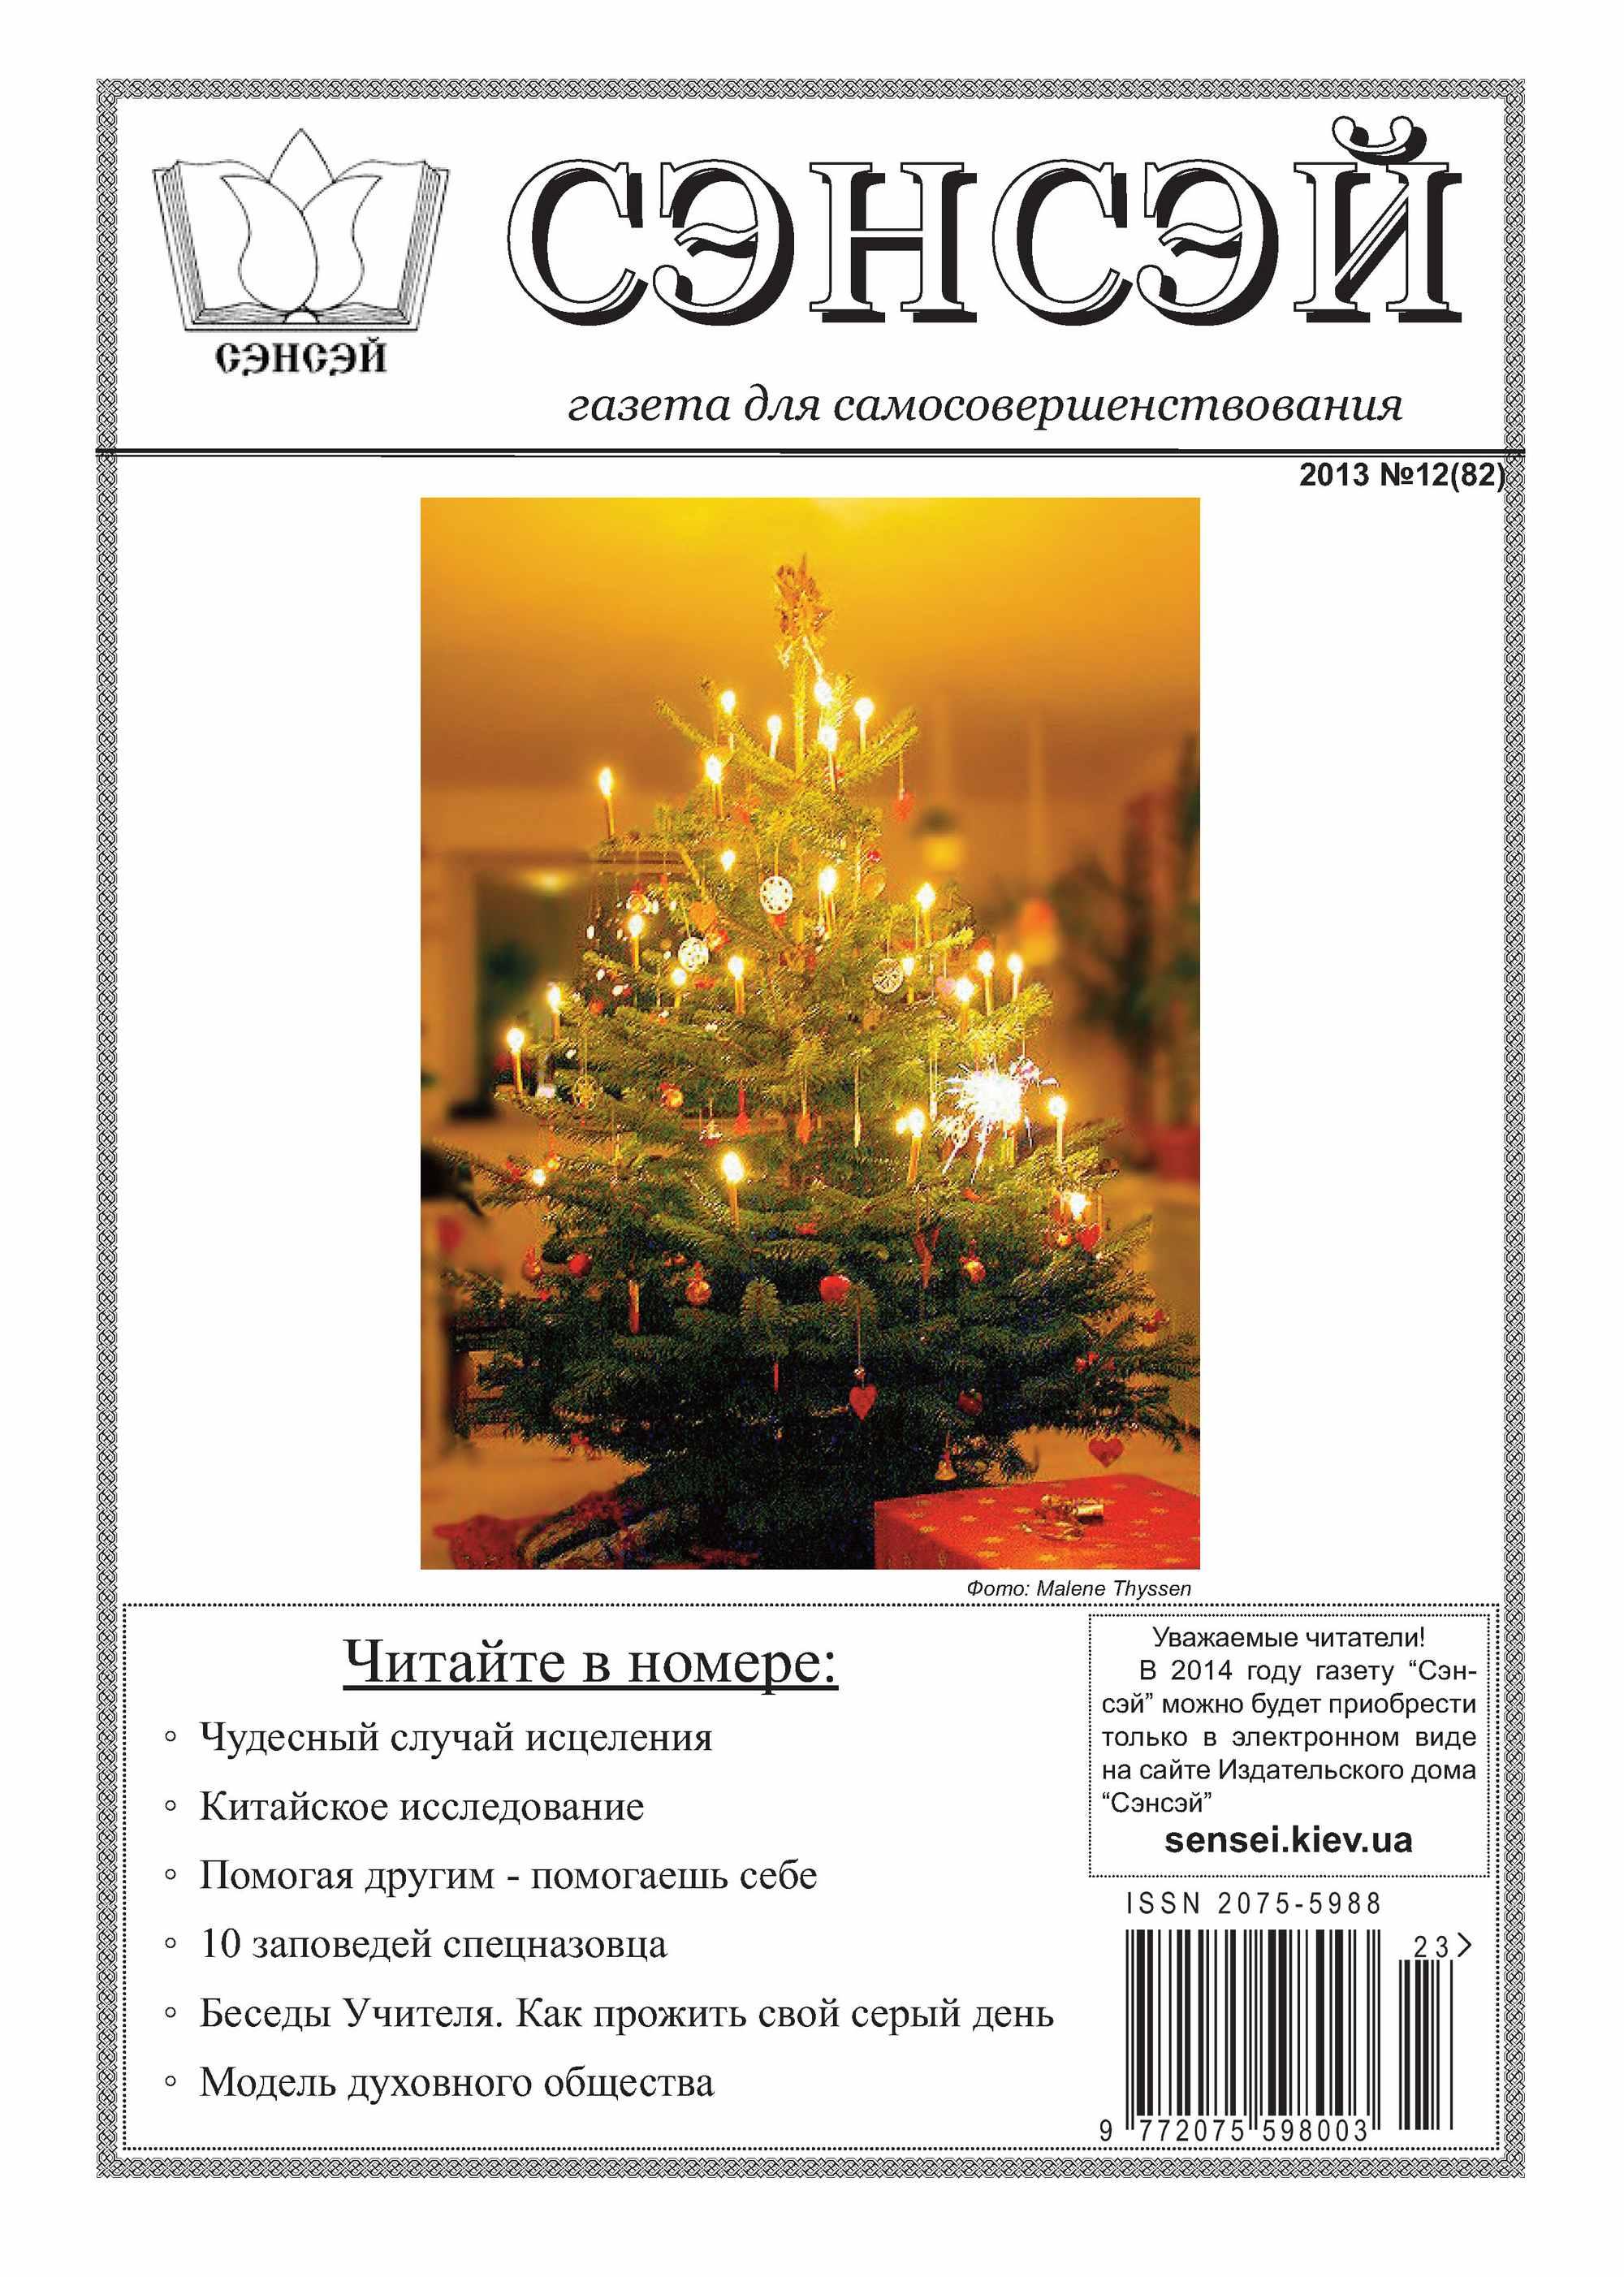 Сэнсэй. Газета для самосовершенствования. №12 (82) 2013